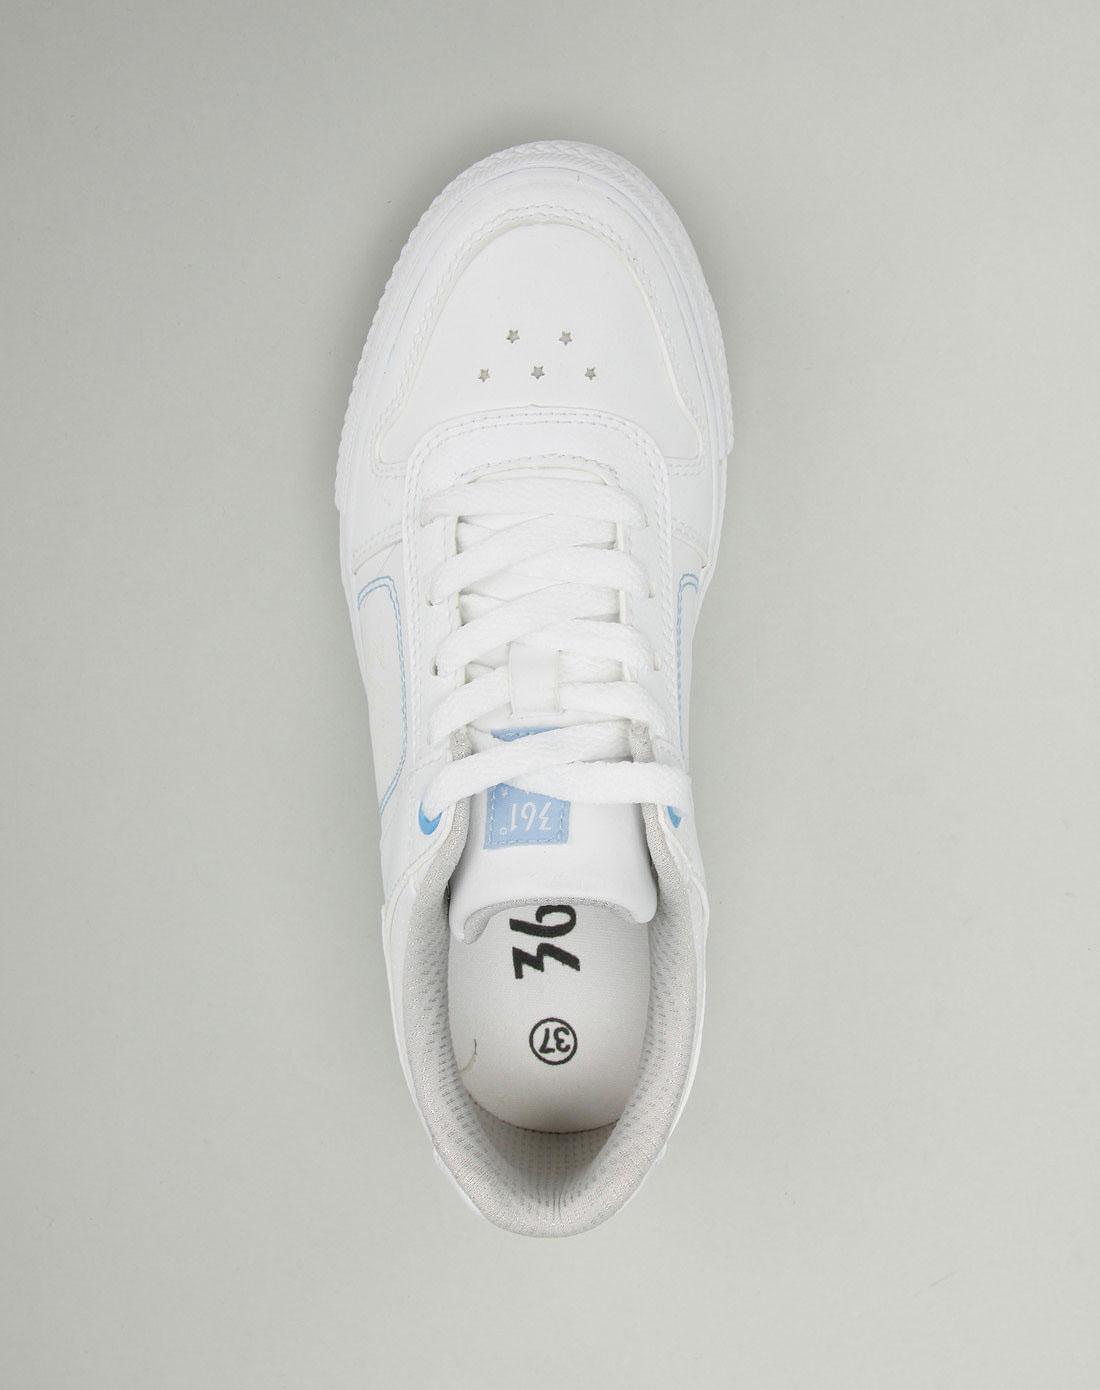 361°女款白/浅蓝色系带运动鞋